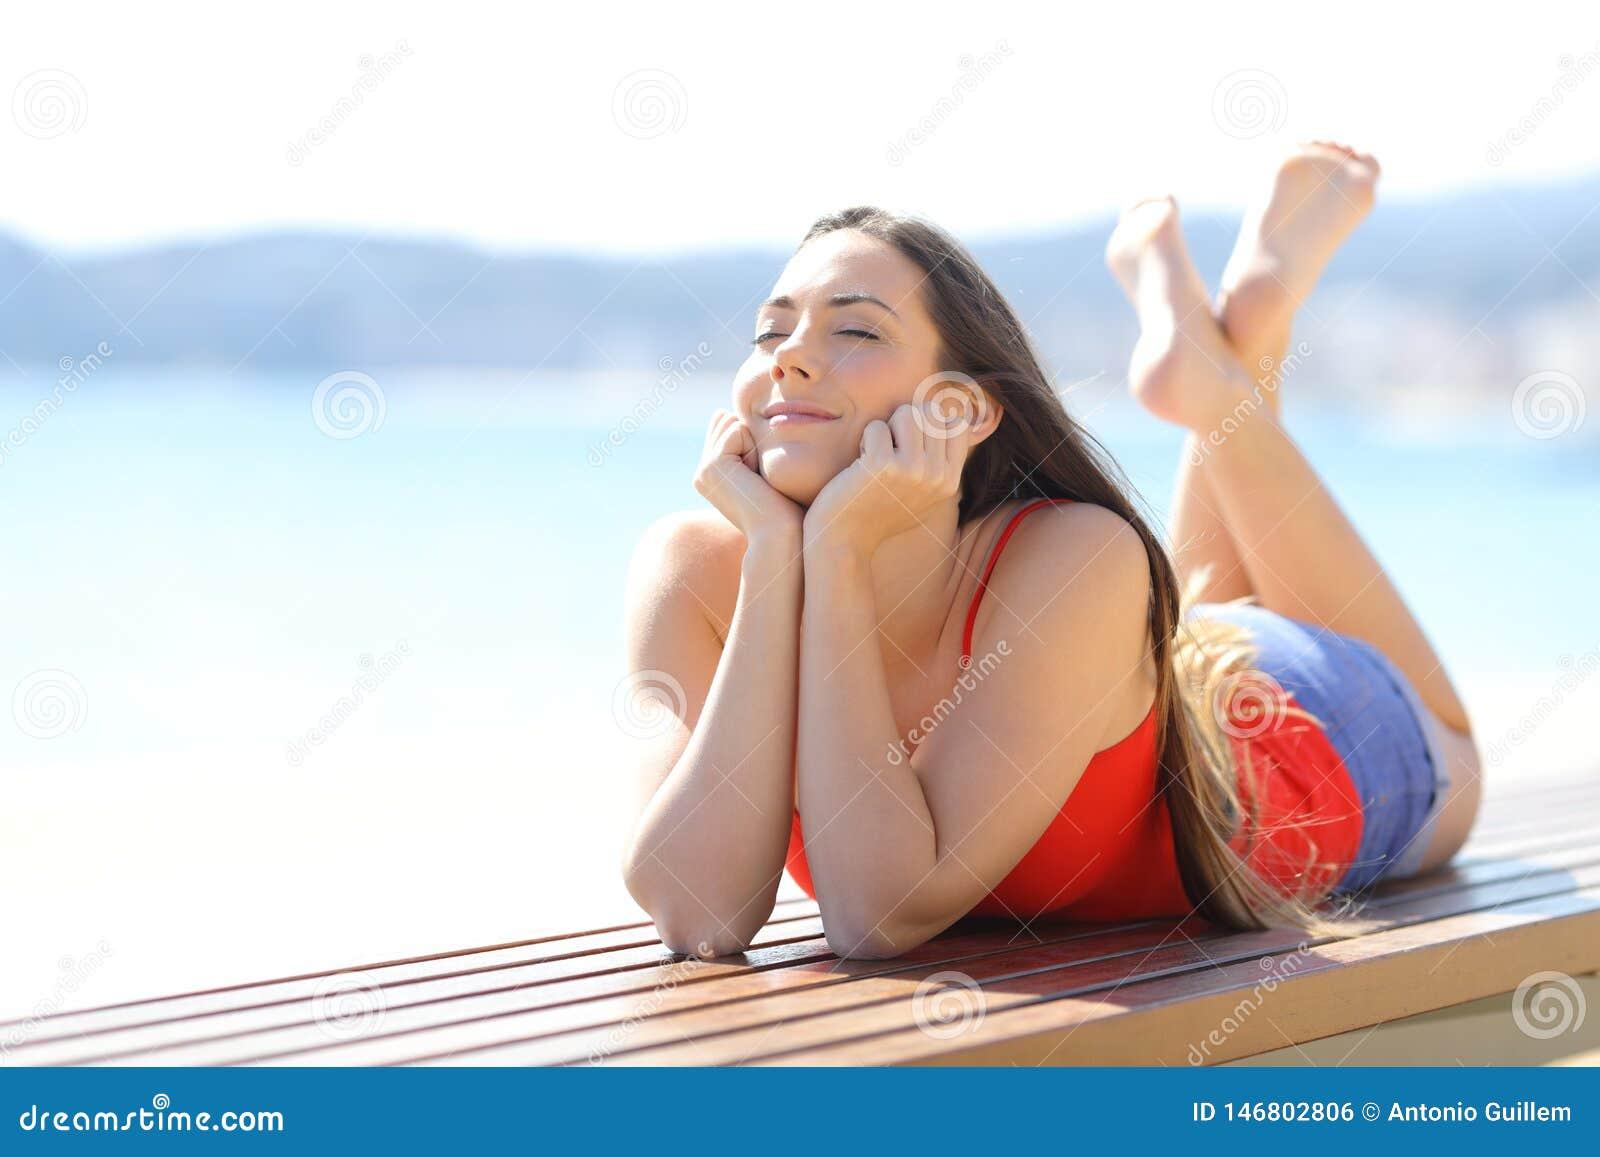 Vacaciones de goce adolescentes felices en la playa